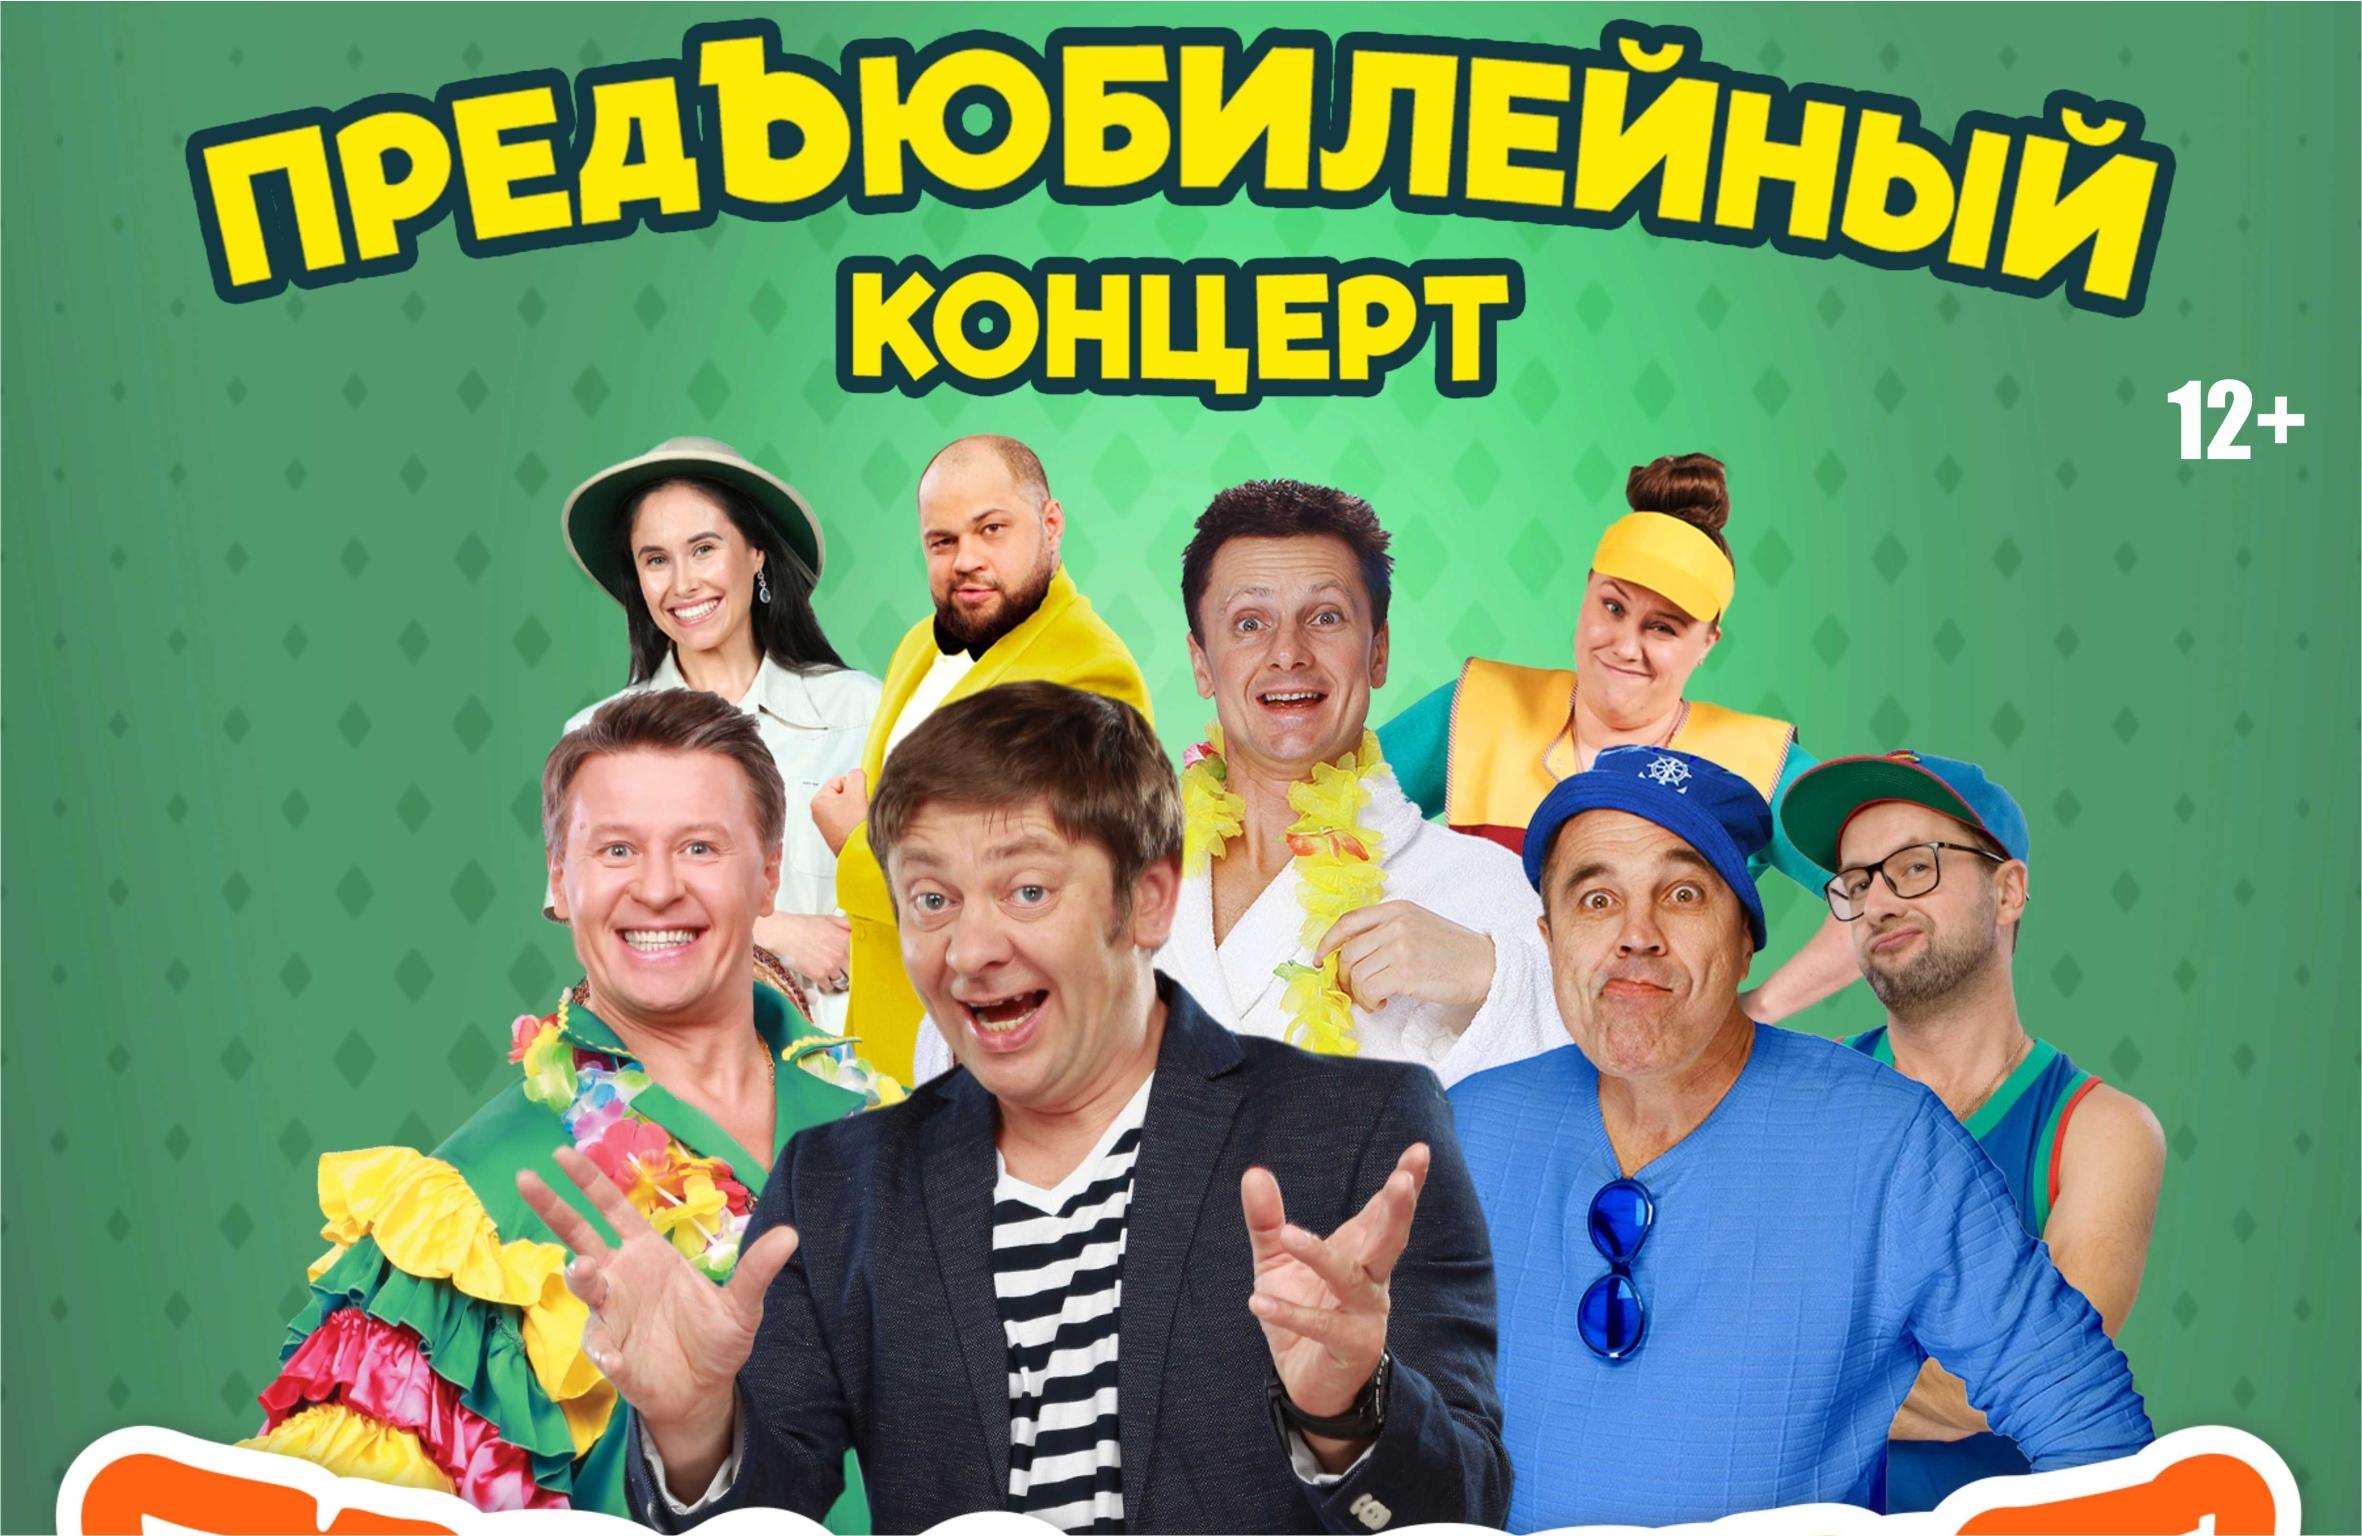 Купить билеты на Уральские пельмени